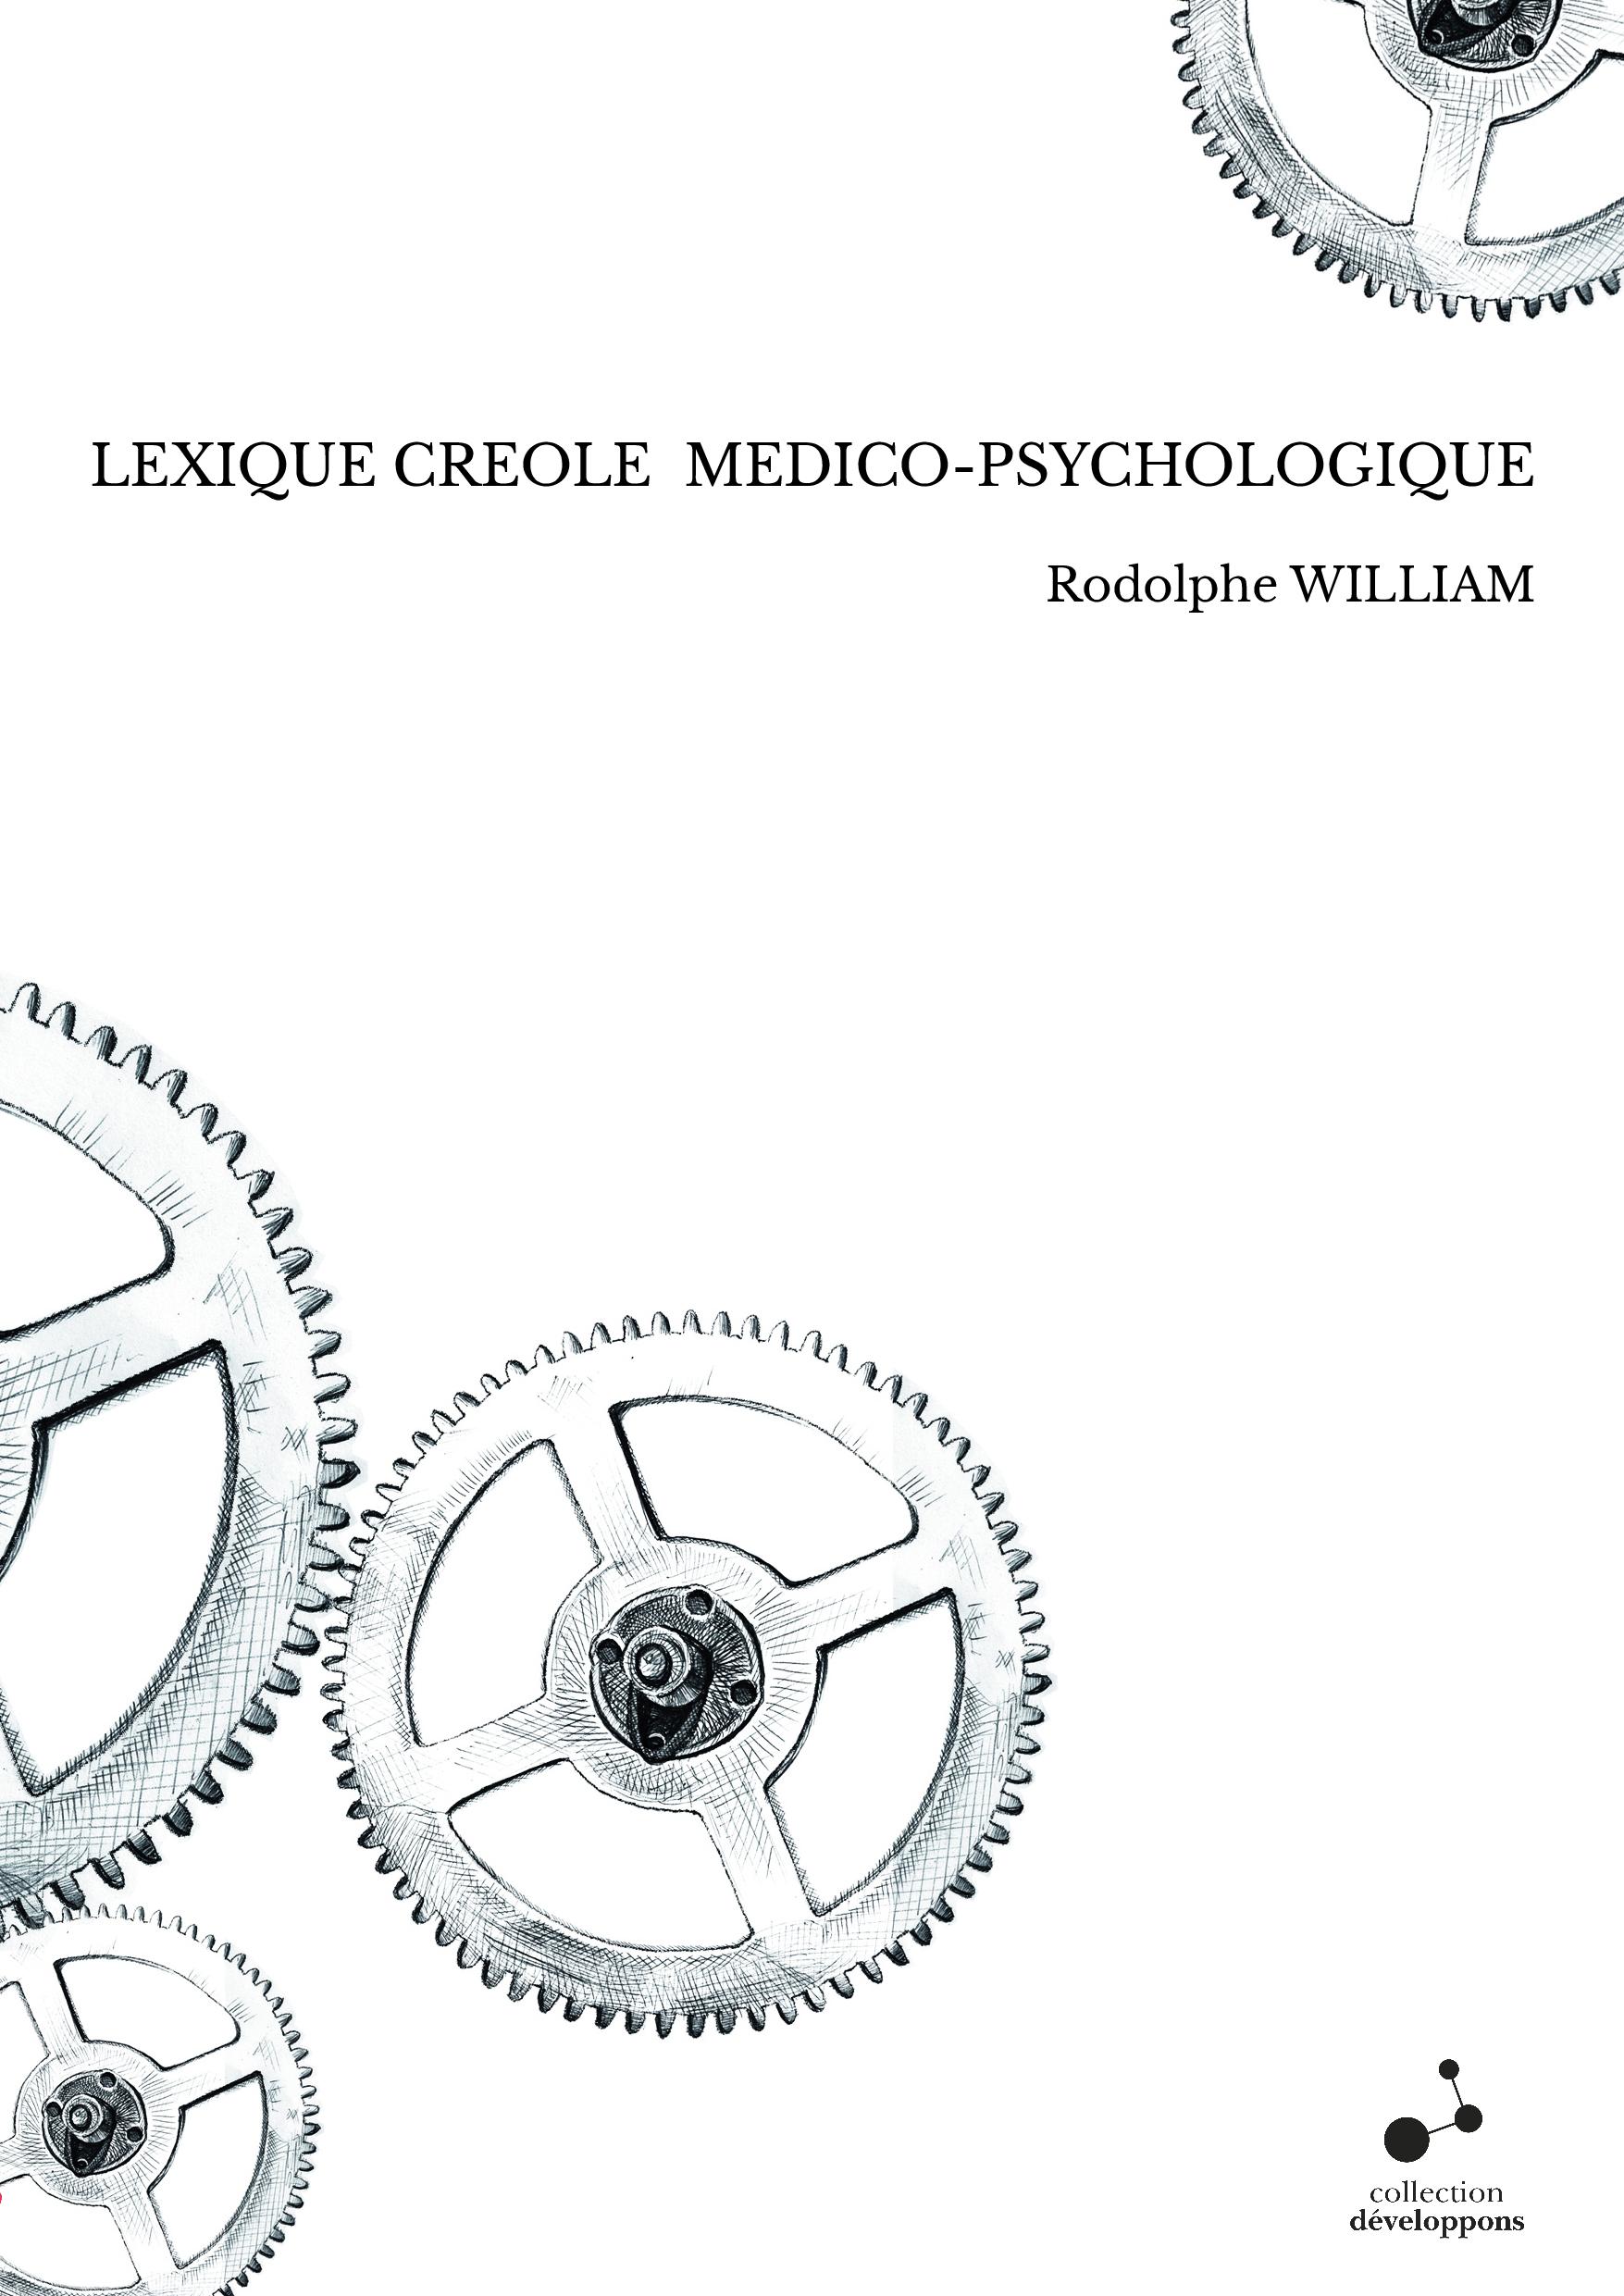 LEXIQUE CREOLE MEDICO-PSYCHOLOGIQUE